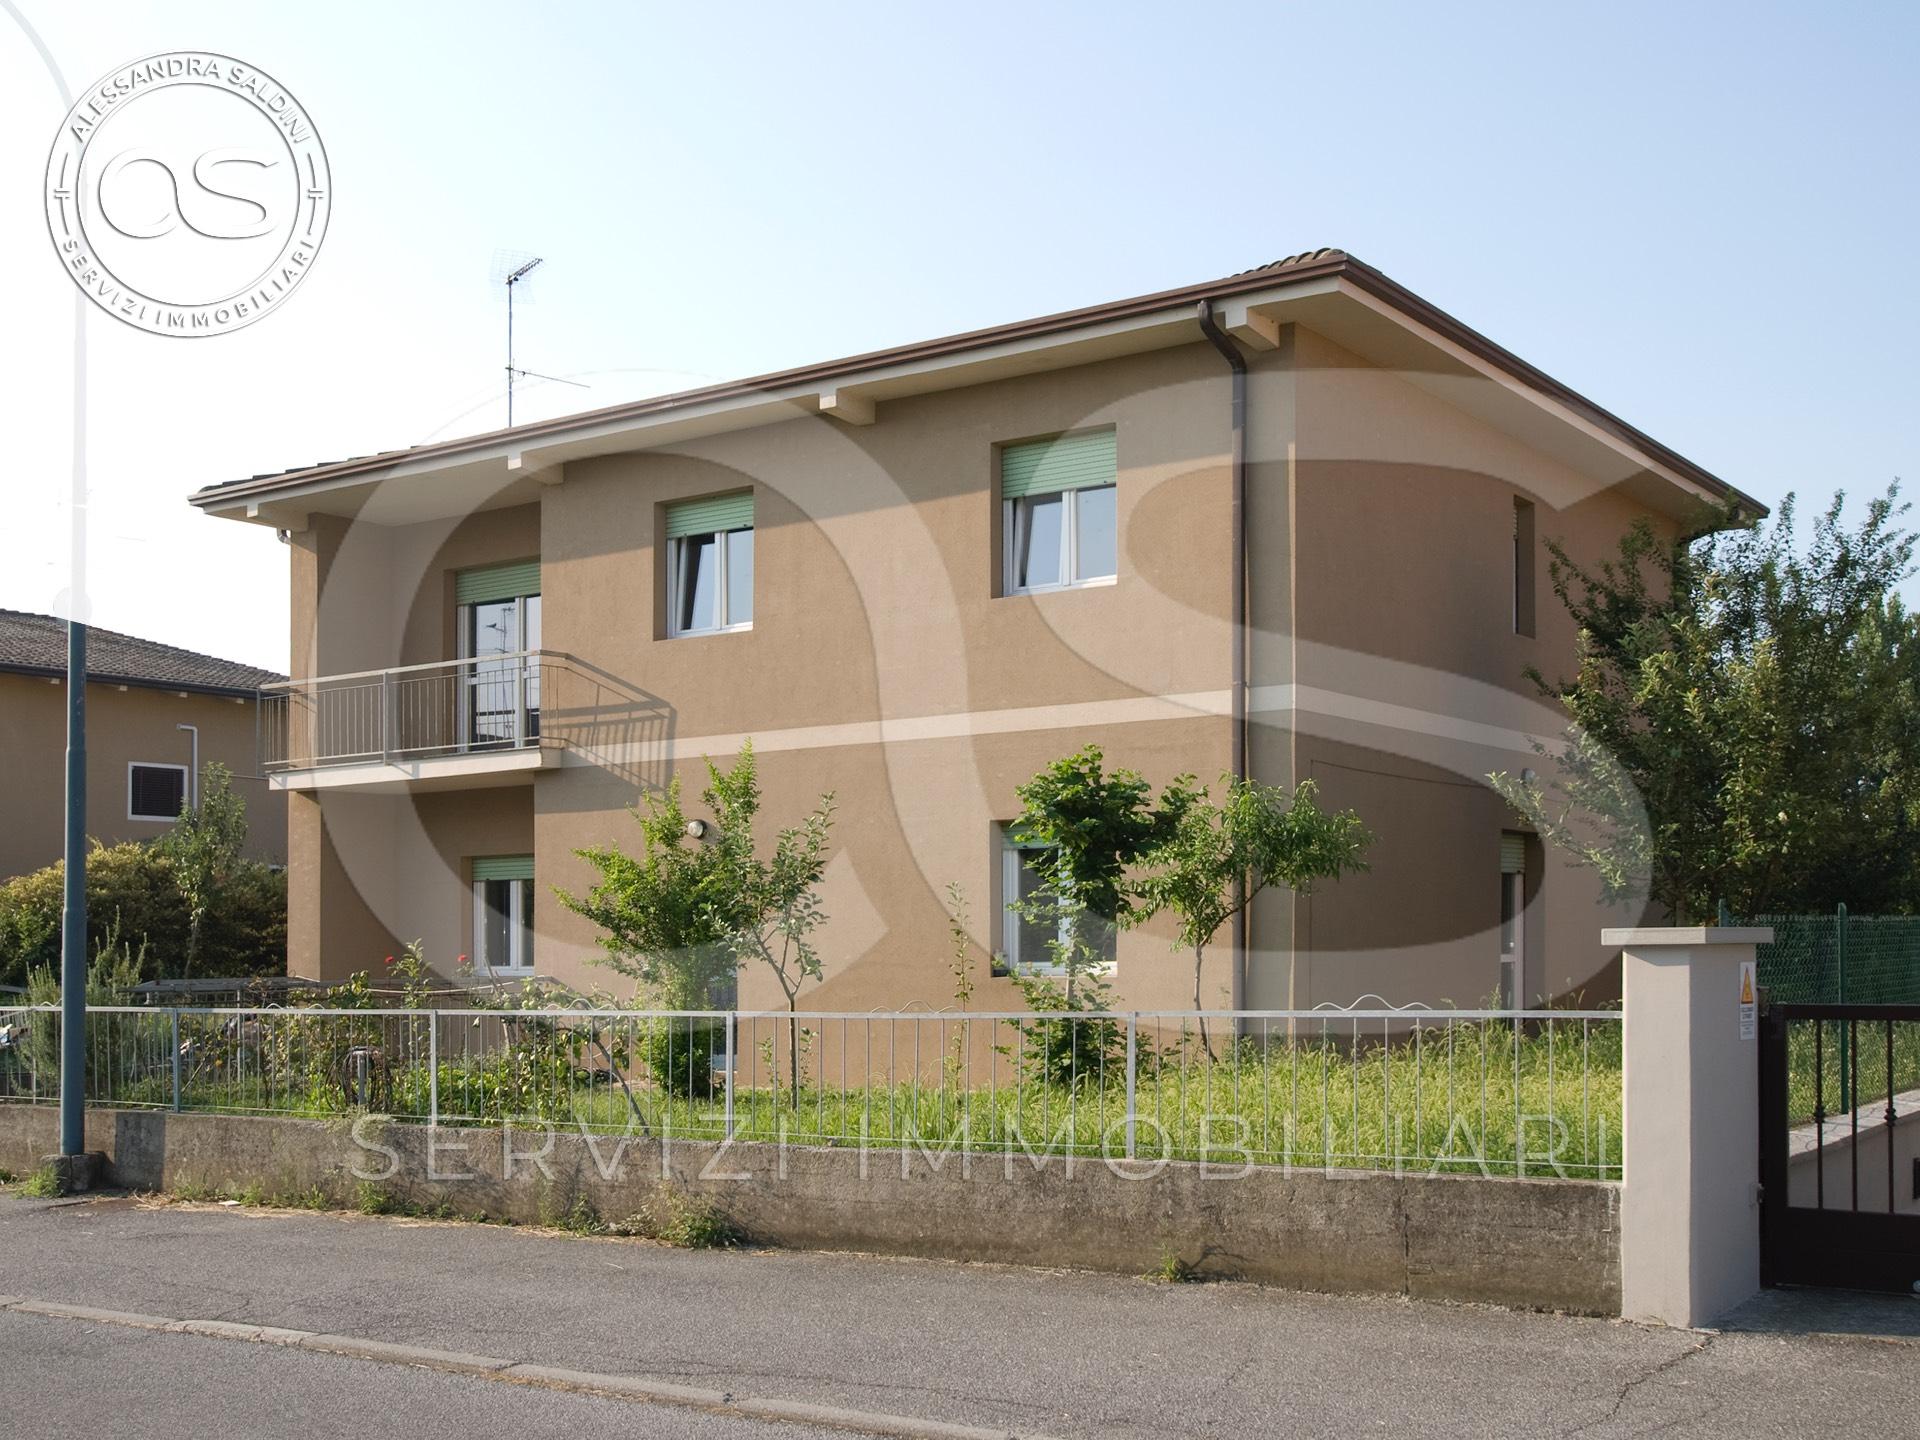 Villa in vendita a Manerbio, 7 locali, prezzo € 230.000 | CambioCasa.it